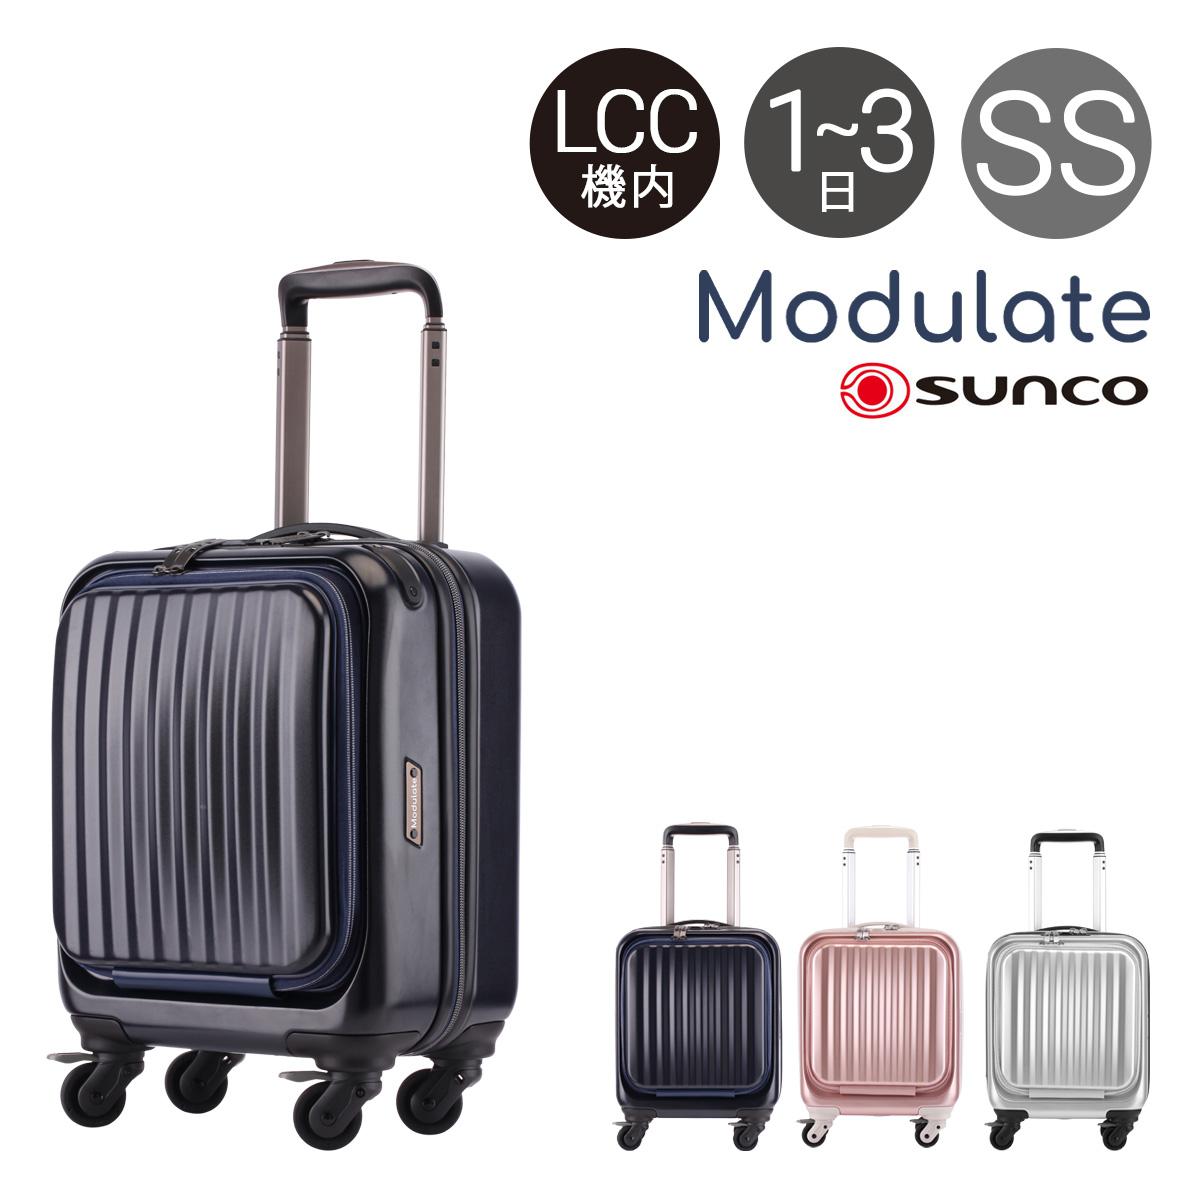 サンコー スーツケース 機内持ち込み 23L 37cm 2.6kg モデュレイト MDLZ-37 SUNCO Modulate|ハード ファスナー キャリーバッグ キャリーケース フロントオープン LCC対応 コインロッカー対応[PO10][即日発送]